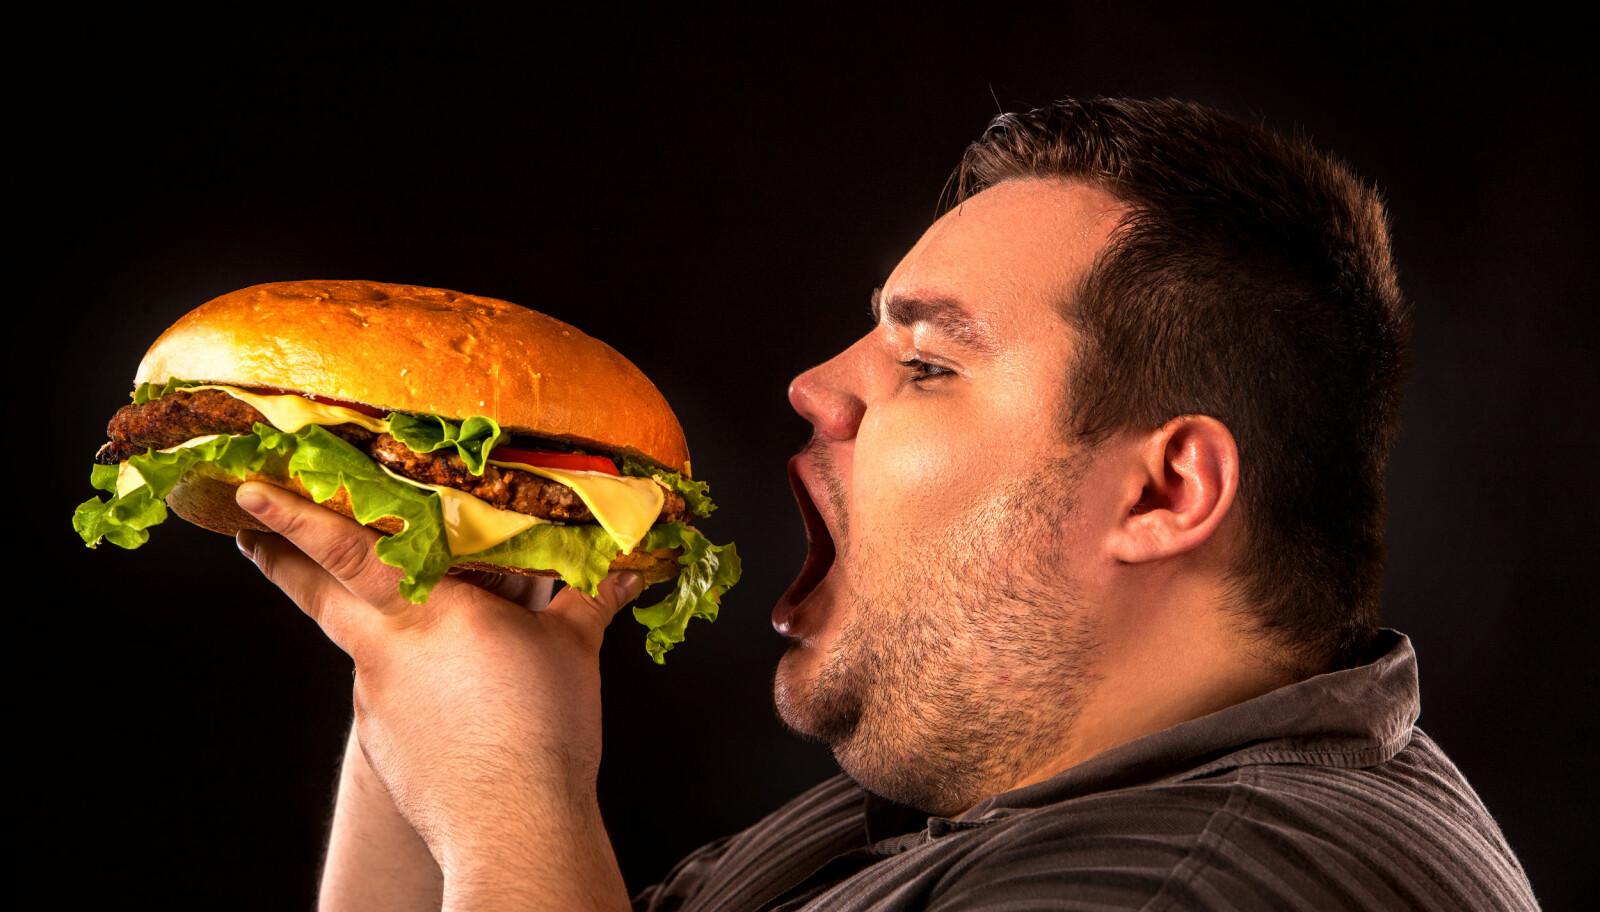 <b>FETT PÅVIRKER HJERNEN:</b> Forskere har funnet en link mellom overvekt og redusert volum av visse deler av hjernen.